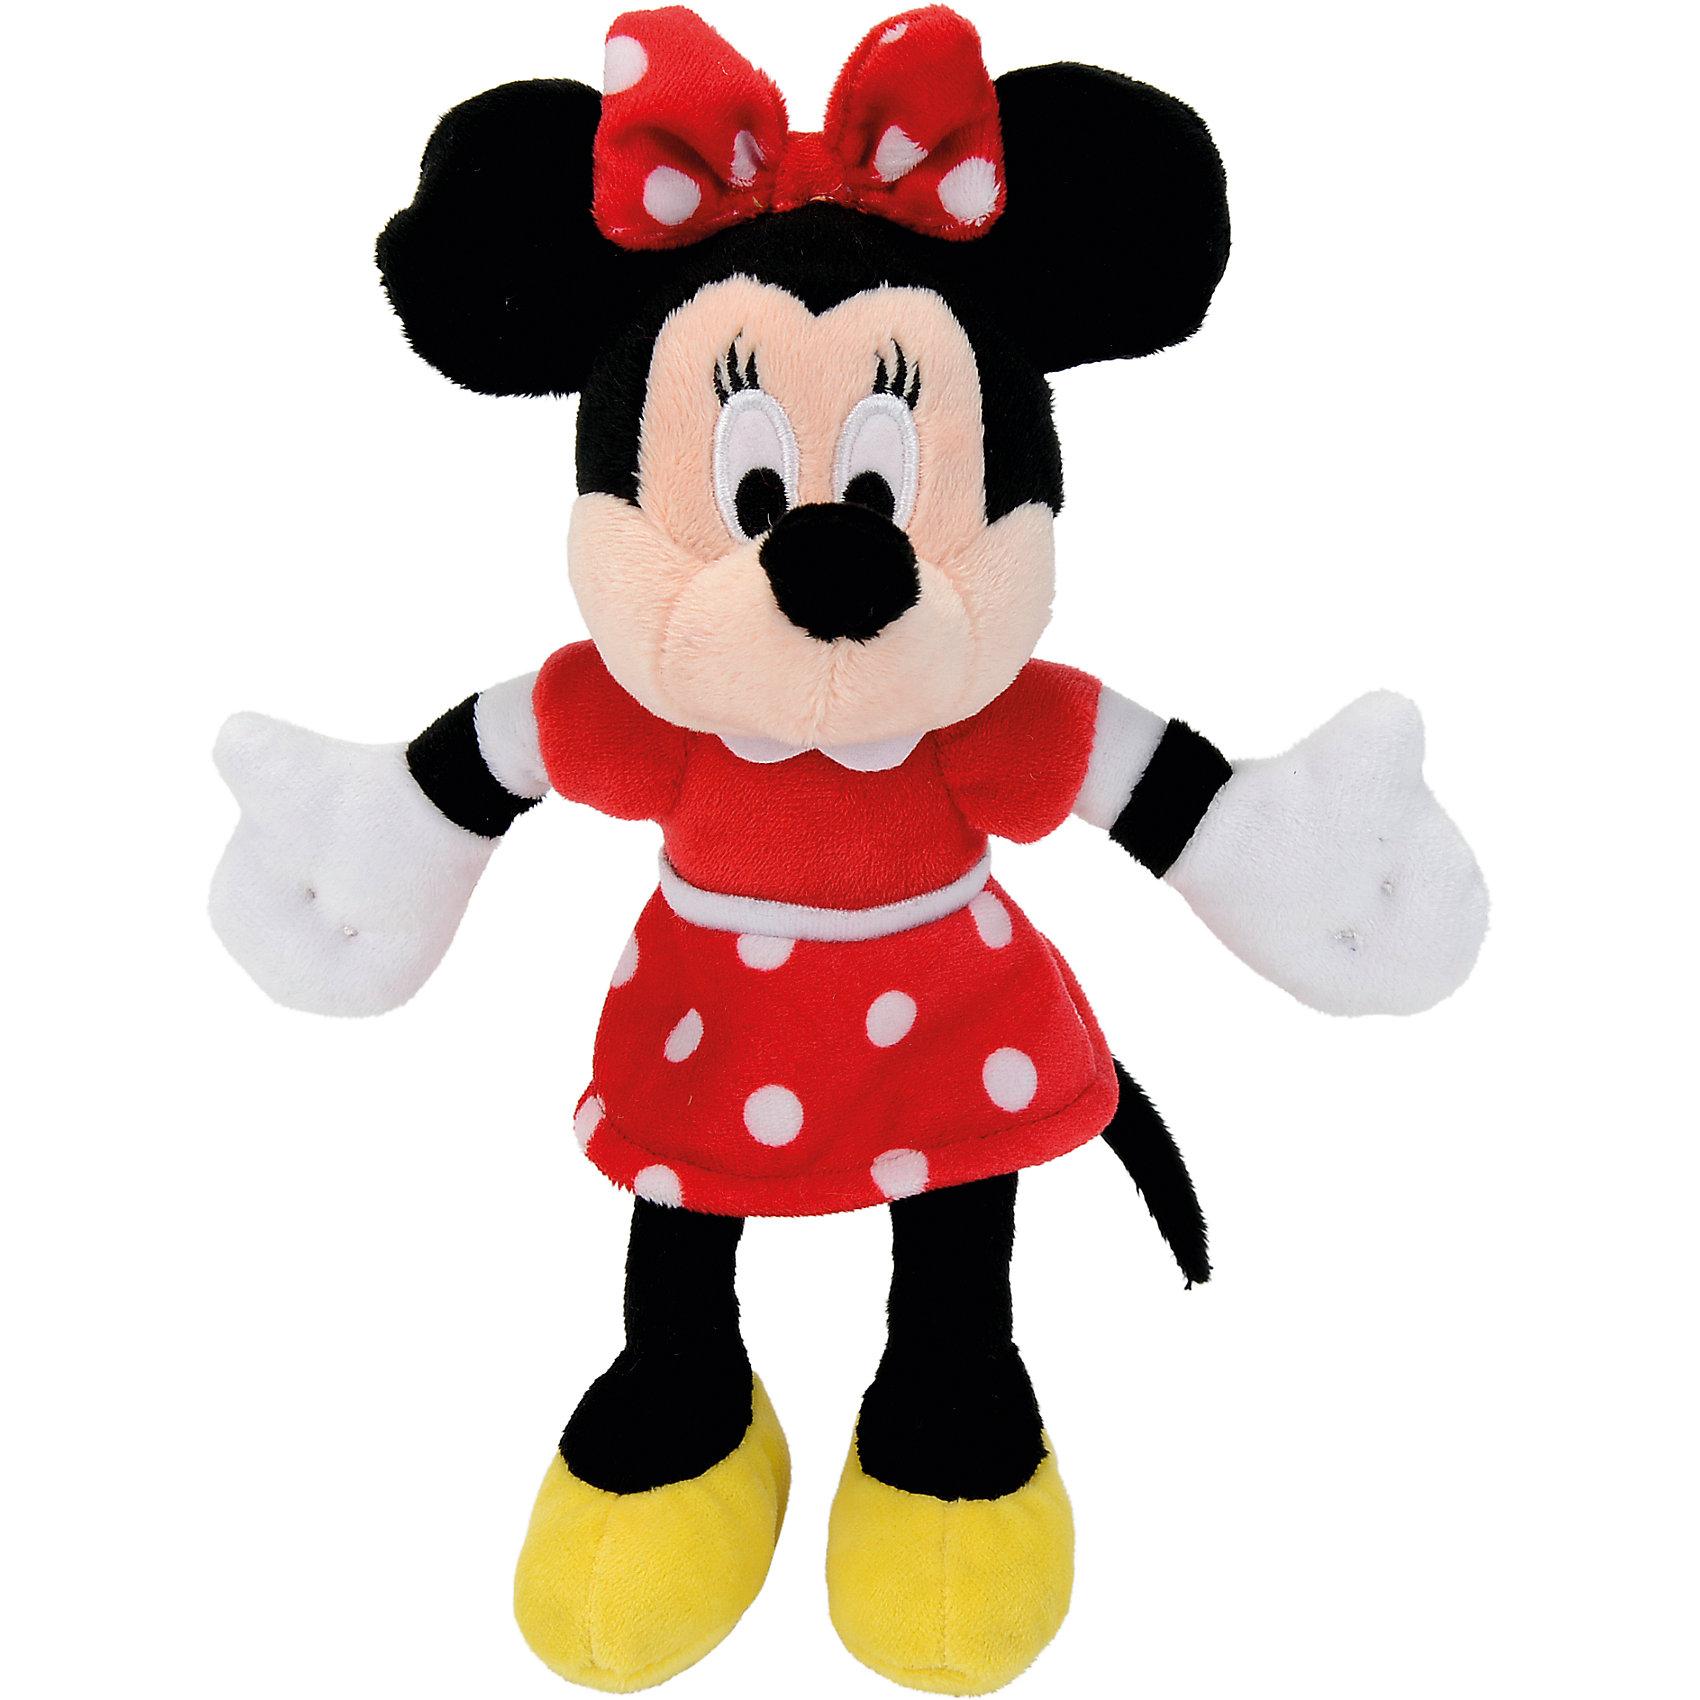 Мягкая игрушка Минни Маус, 20 см, NicotoyЛюбимые герои<br>Характеристики товара:<br><br>• возраст от 3 лет;<br>• материал: плюш;<br>• размер игрушки 20 см;<br>• размер упаковки 23х15х10 см;<br>• вес упаковки 230 гр.;<br>• страна производитель: Китай.<br><br>Мягкая игрушка «Минни Маус» 20 см Nicotoy — известный персонаж мультфильма добрая, заботливая романтичная Минни, подруга Микки Мауса. Минни одета в красное платье в горошек, желтые туфельки, а на ее голове бантик в горошек. Игрушку можно взять с собой на прогулку, в гости или детский садик и придумывать разнообразные сюжеты для игры. Игрушка изготовлена из качественного безвредного материала.<br><br>Мягкую игрушку «Минни Маус» 20 см Nicotoy можно приобрести в нашем интернет-магазине.<br><br>Ширина мм: 230<br>Глубина мм: 150<br>Высота мм: 100<br>Вес г: 80<br>Возраст от месяцев: 36<br>Возраст до месяцев: 96<br>Пол: Женский<br>Возраст: Детский<br>SKU: 5613490